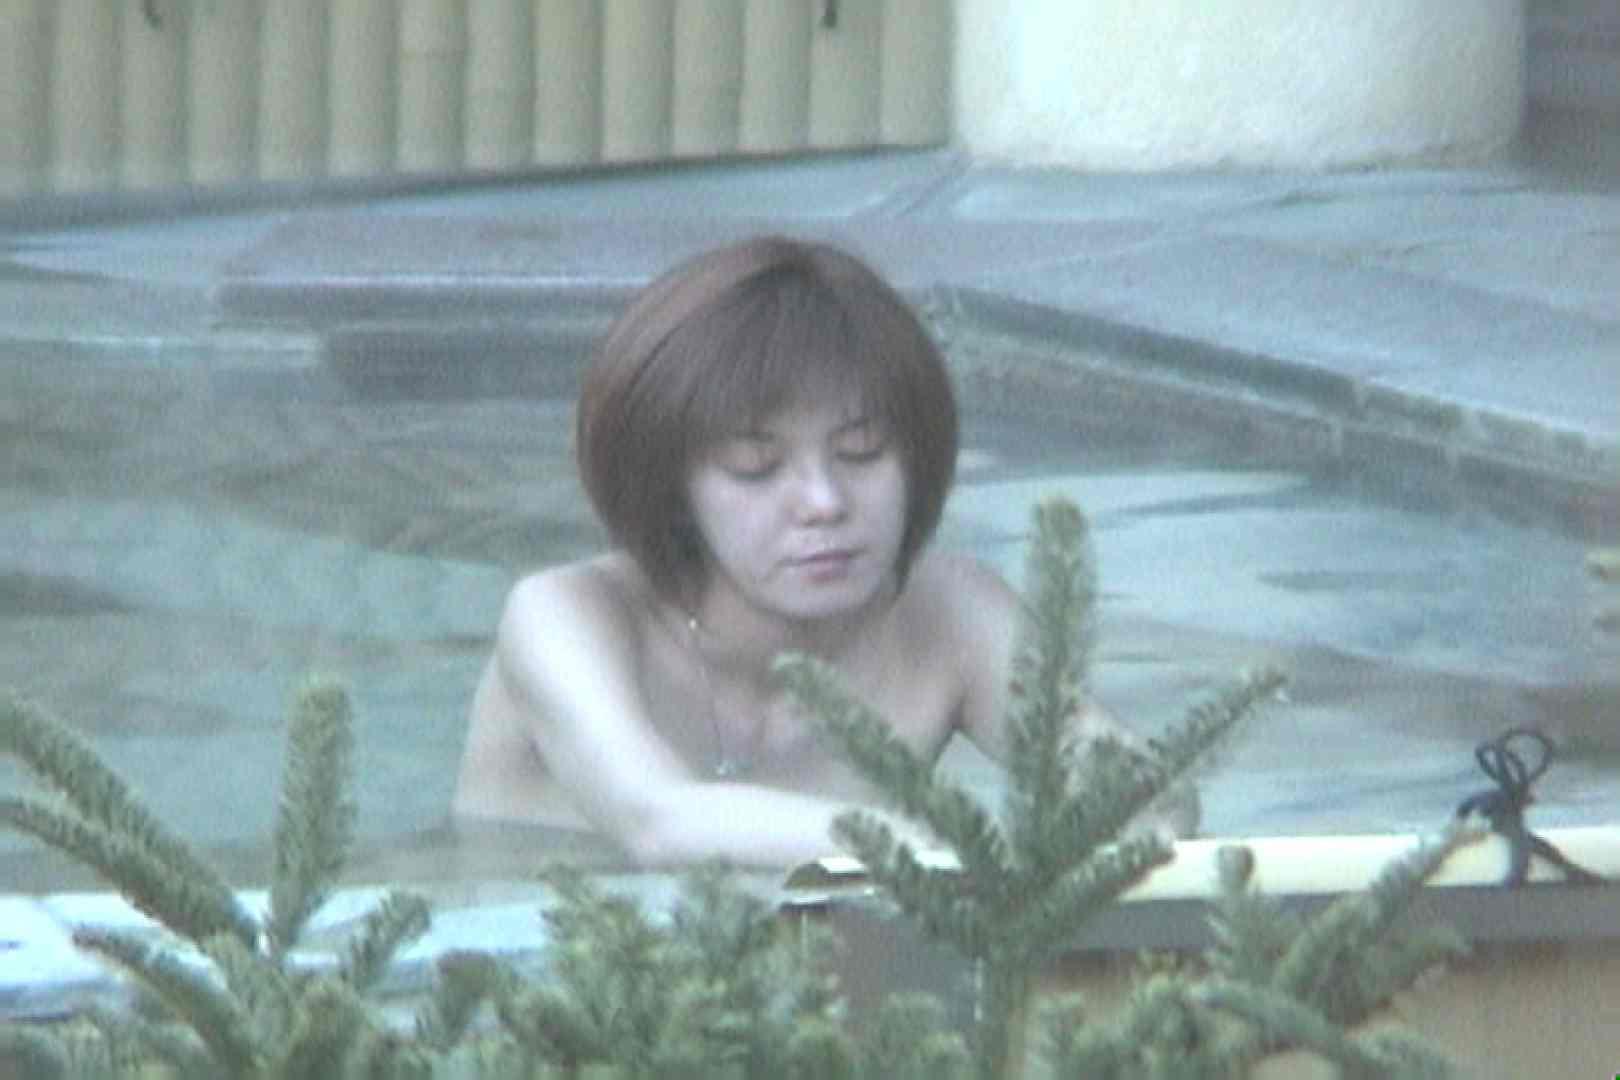 Aquaな露天風呂Vol.560 盗撮 | 露天風呂  46連発 37